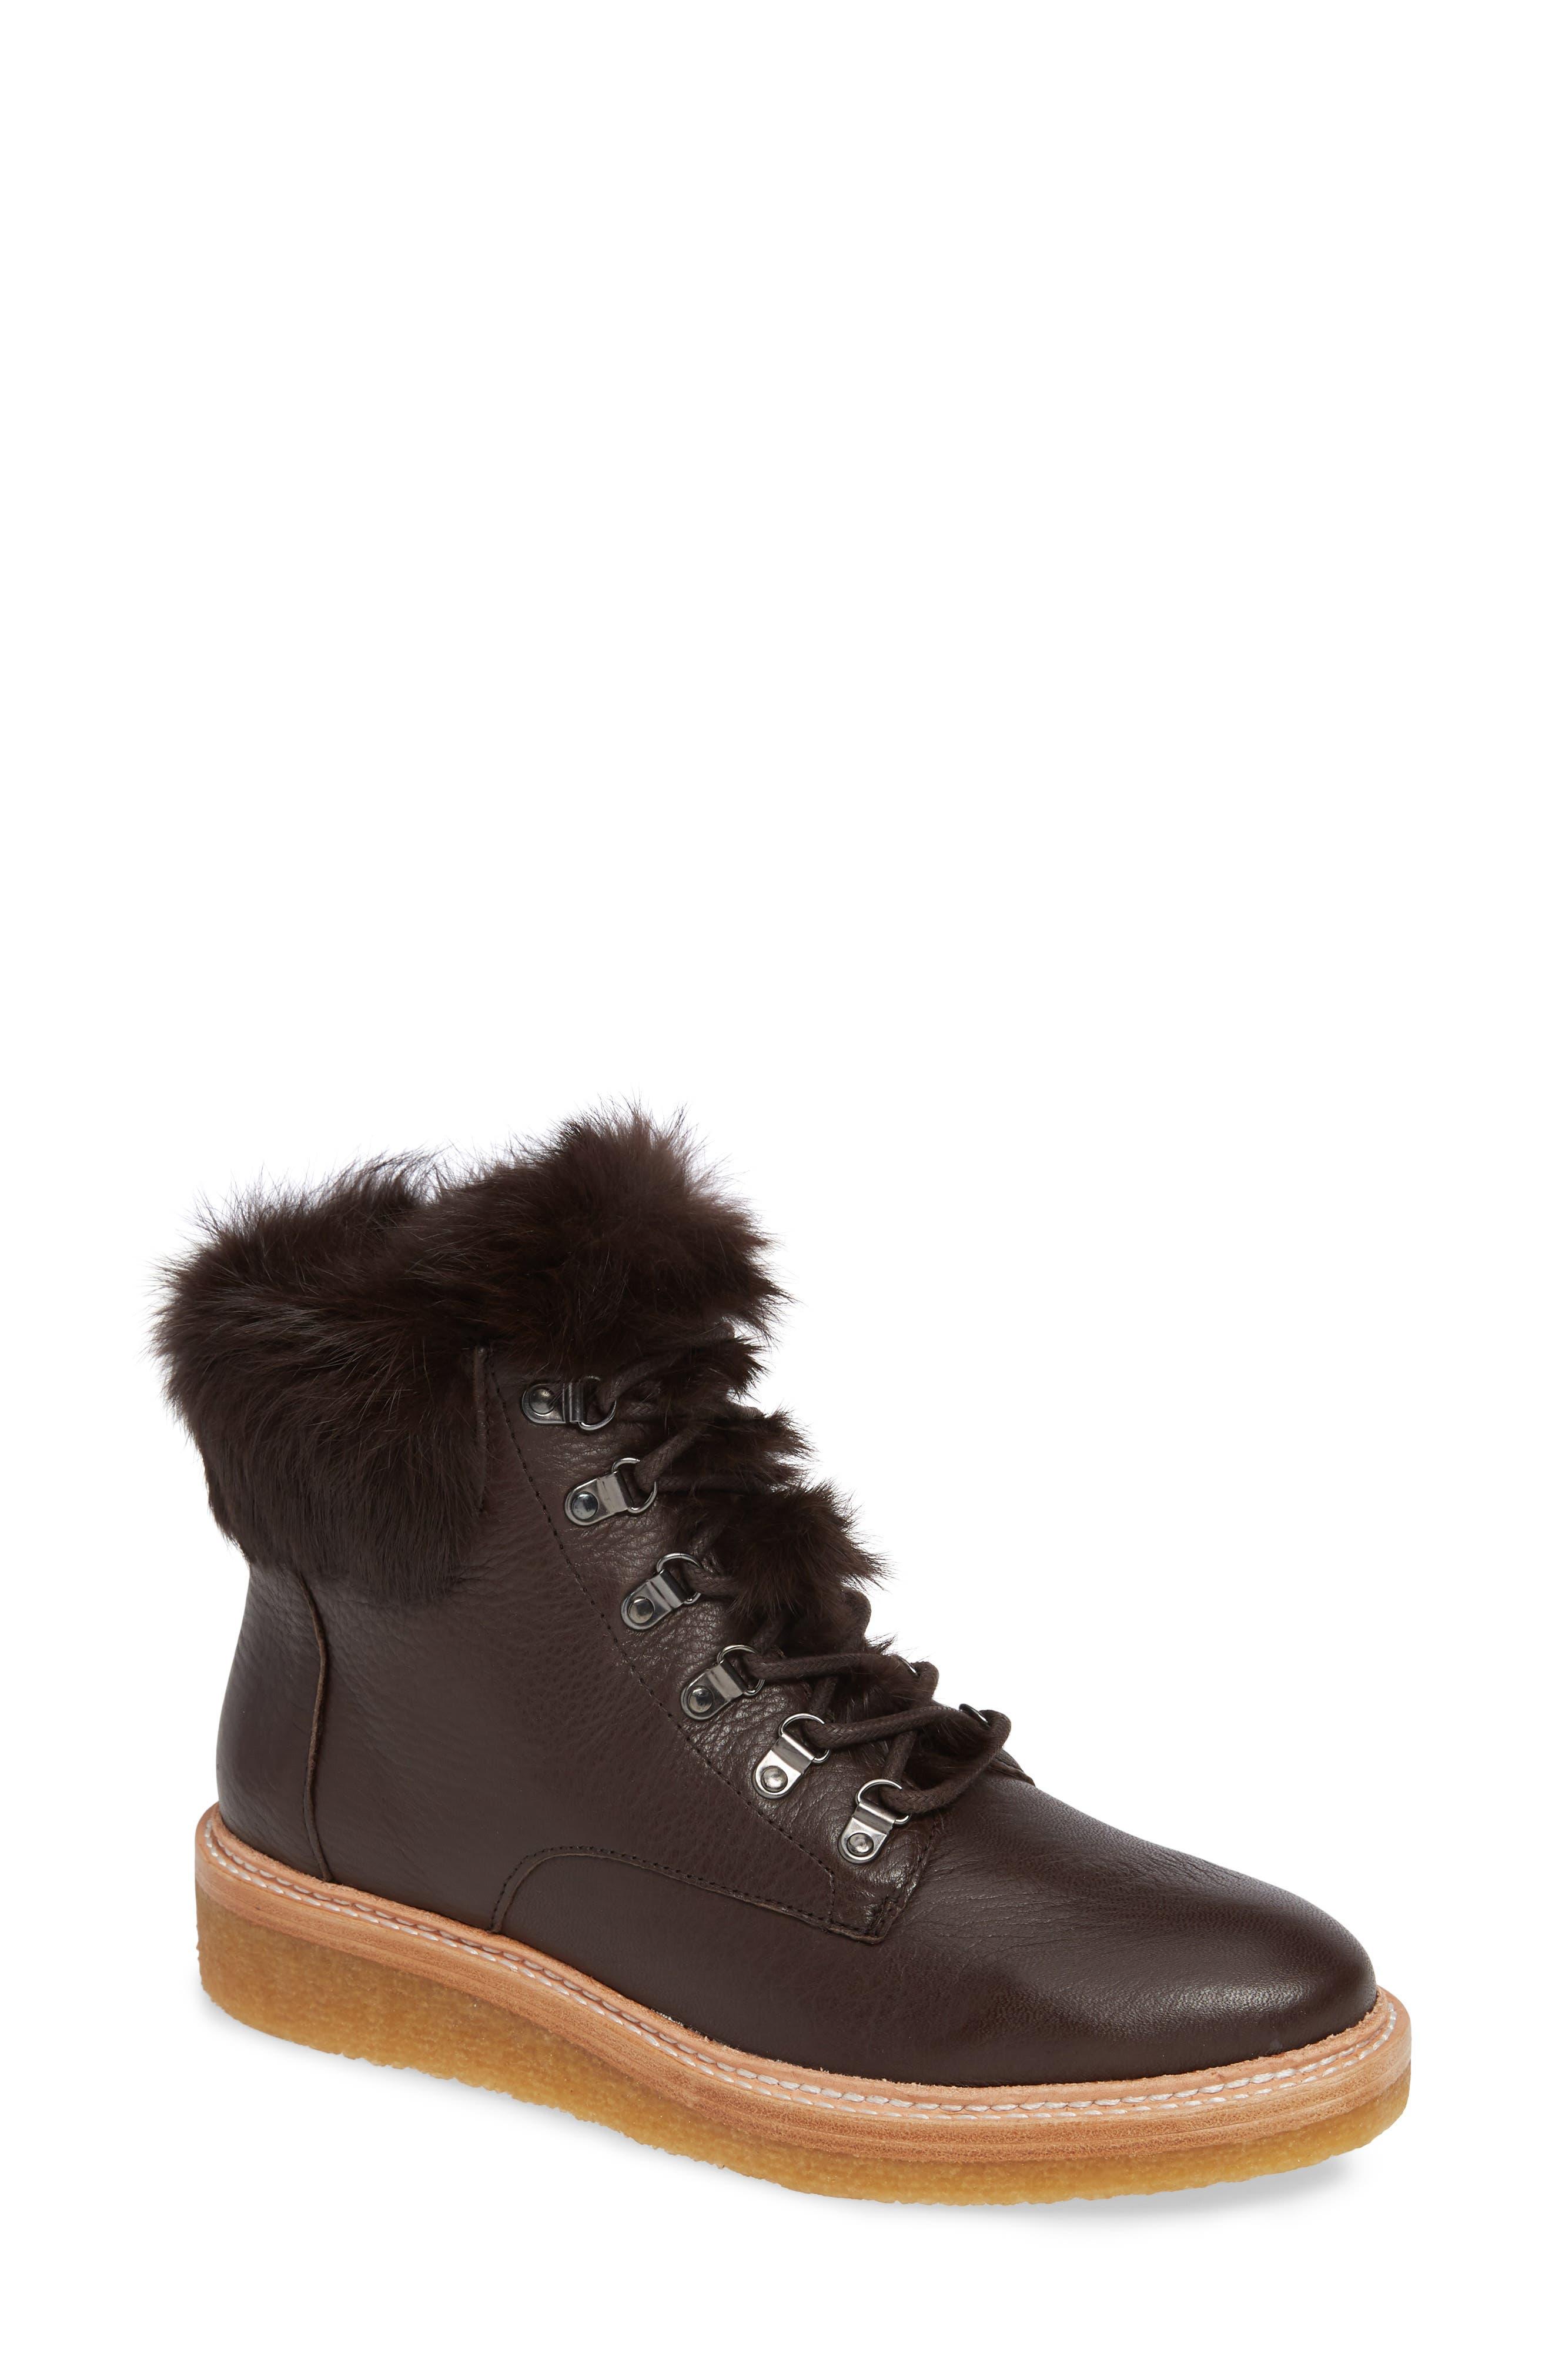 Botkier Winter Genuine Rabbit Fur Trim Boot- Brown